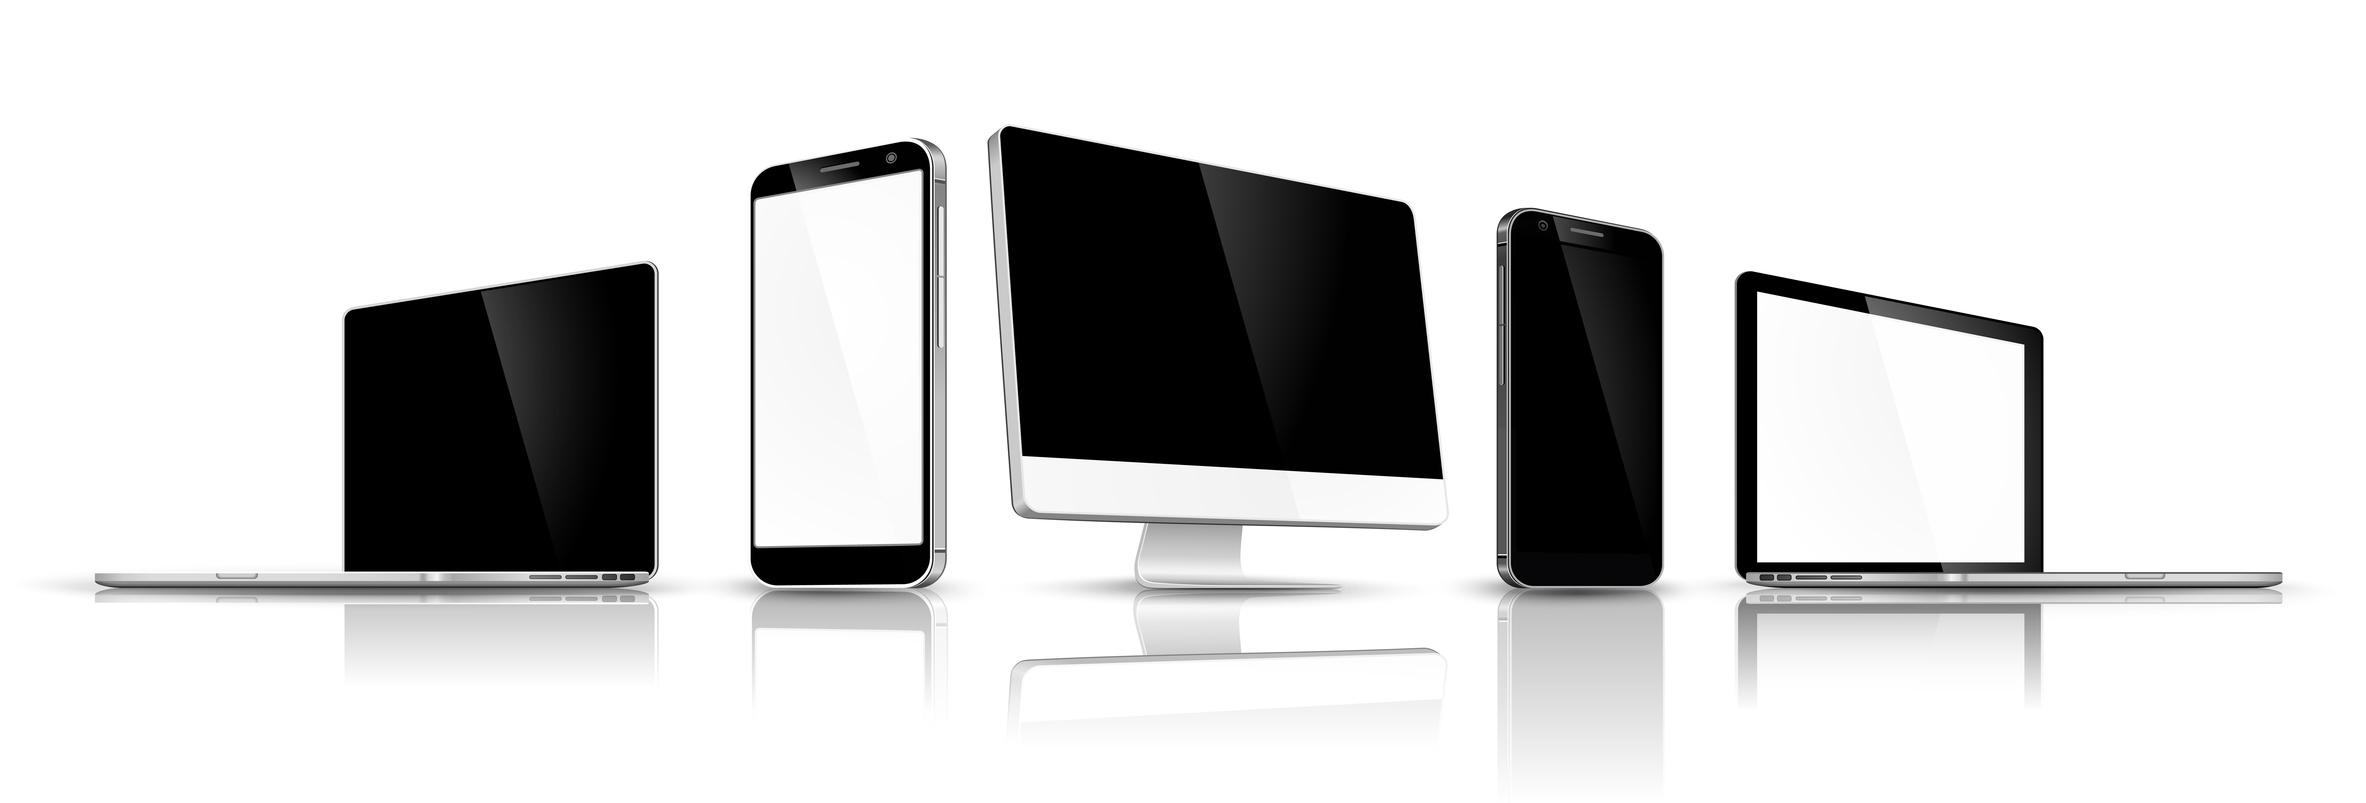 Hier können Sie Laptops, Smartphone, Tablets oder Elektronik günstig kaufen